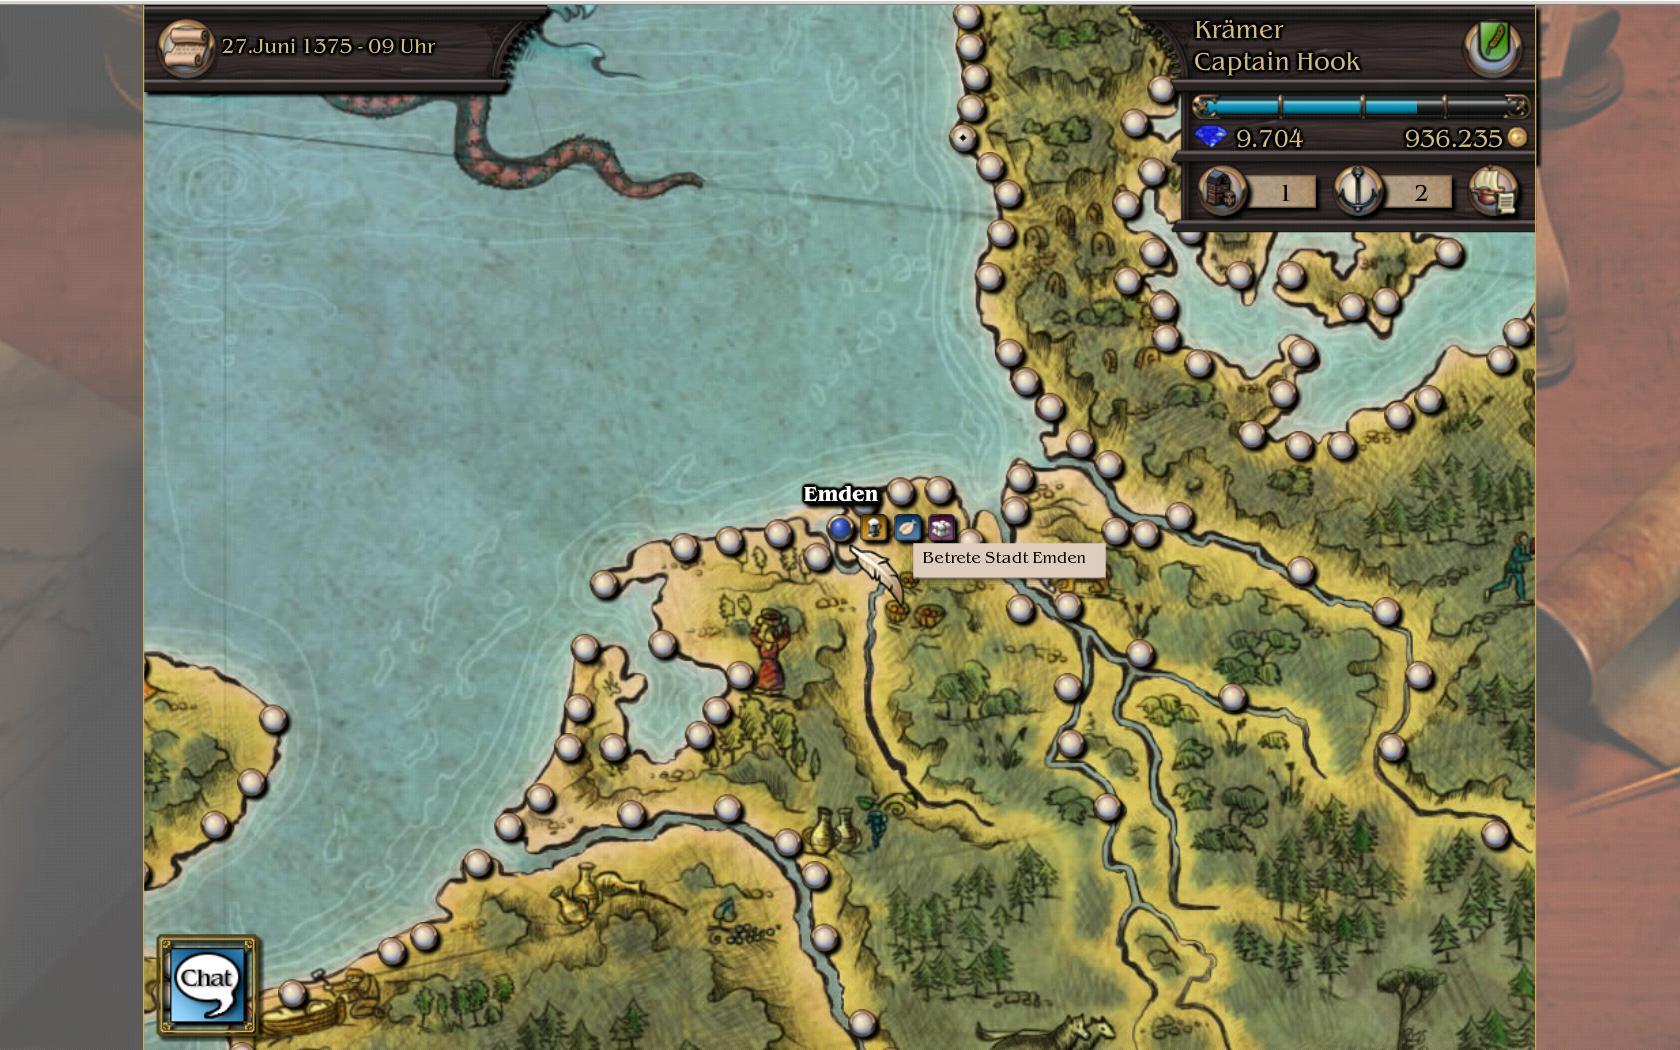 Klicke auf die Grafik für eine größere AnsichtName:Karte_europa_außschnitt_1.jpgHits:143Größe:248,4 KBID:2485